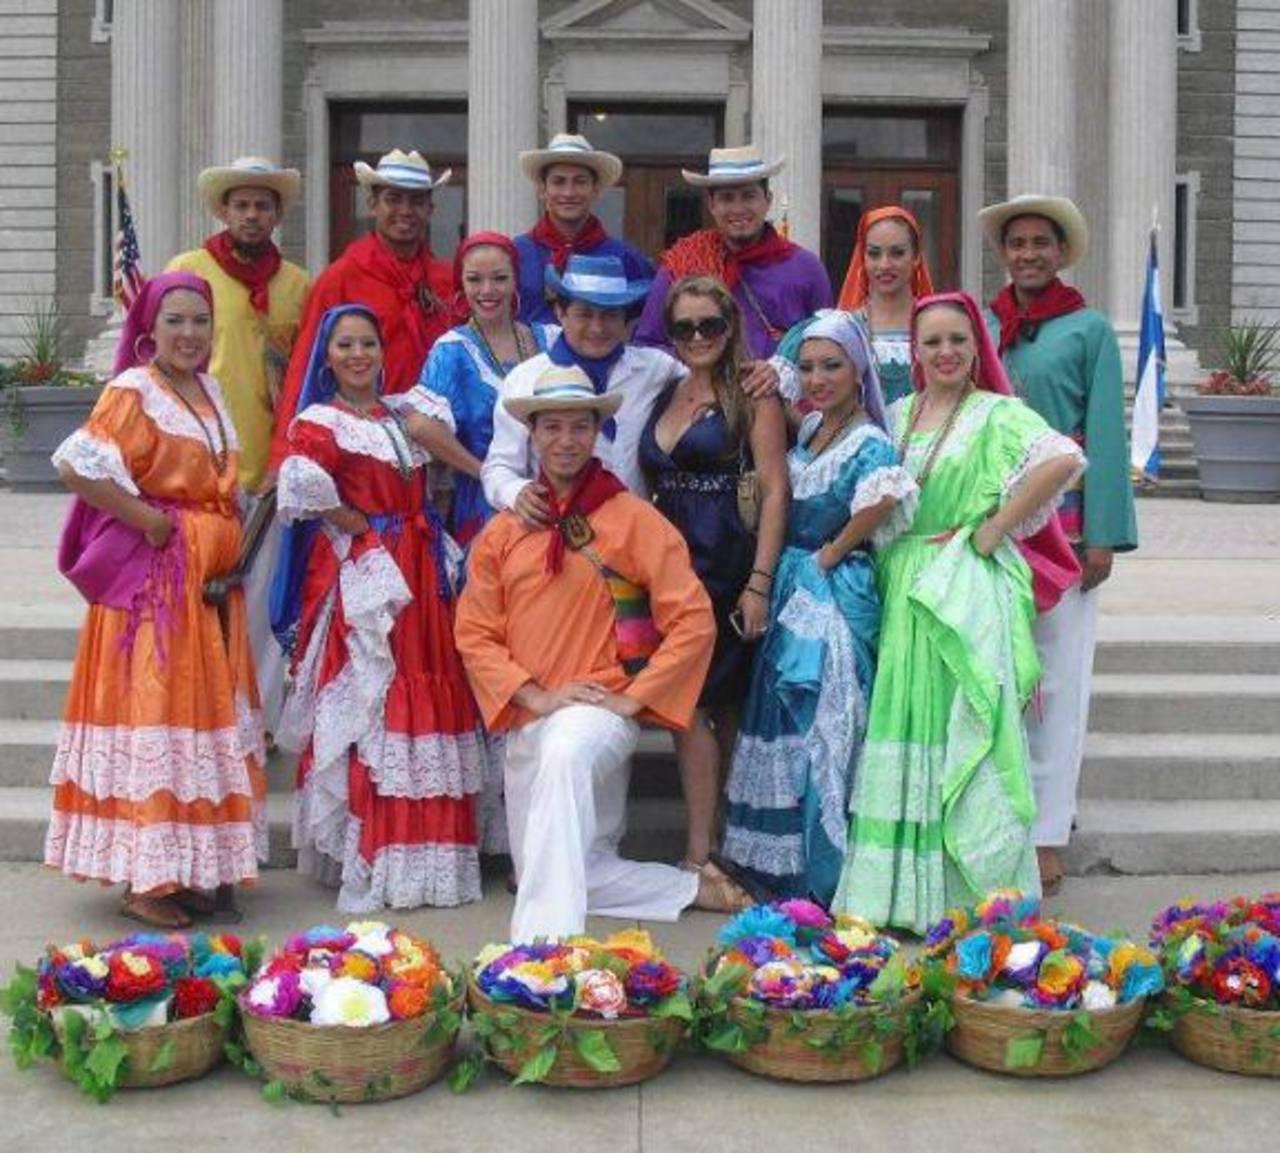 Fallece Mauricio Lara, destacado bailarín salvadoreño